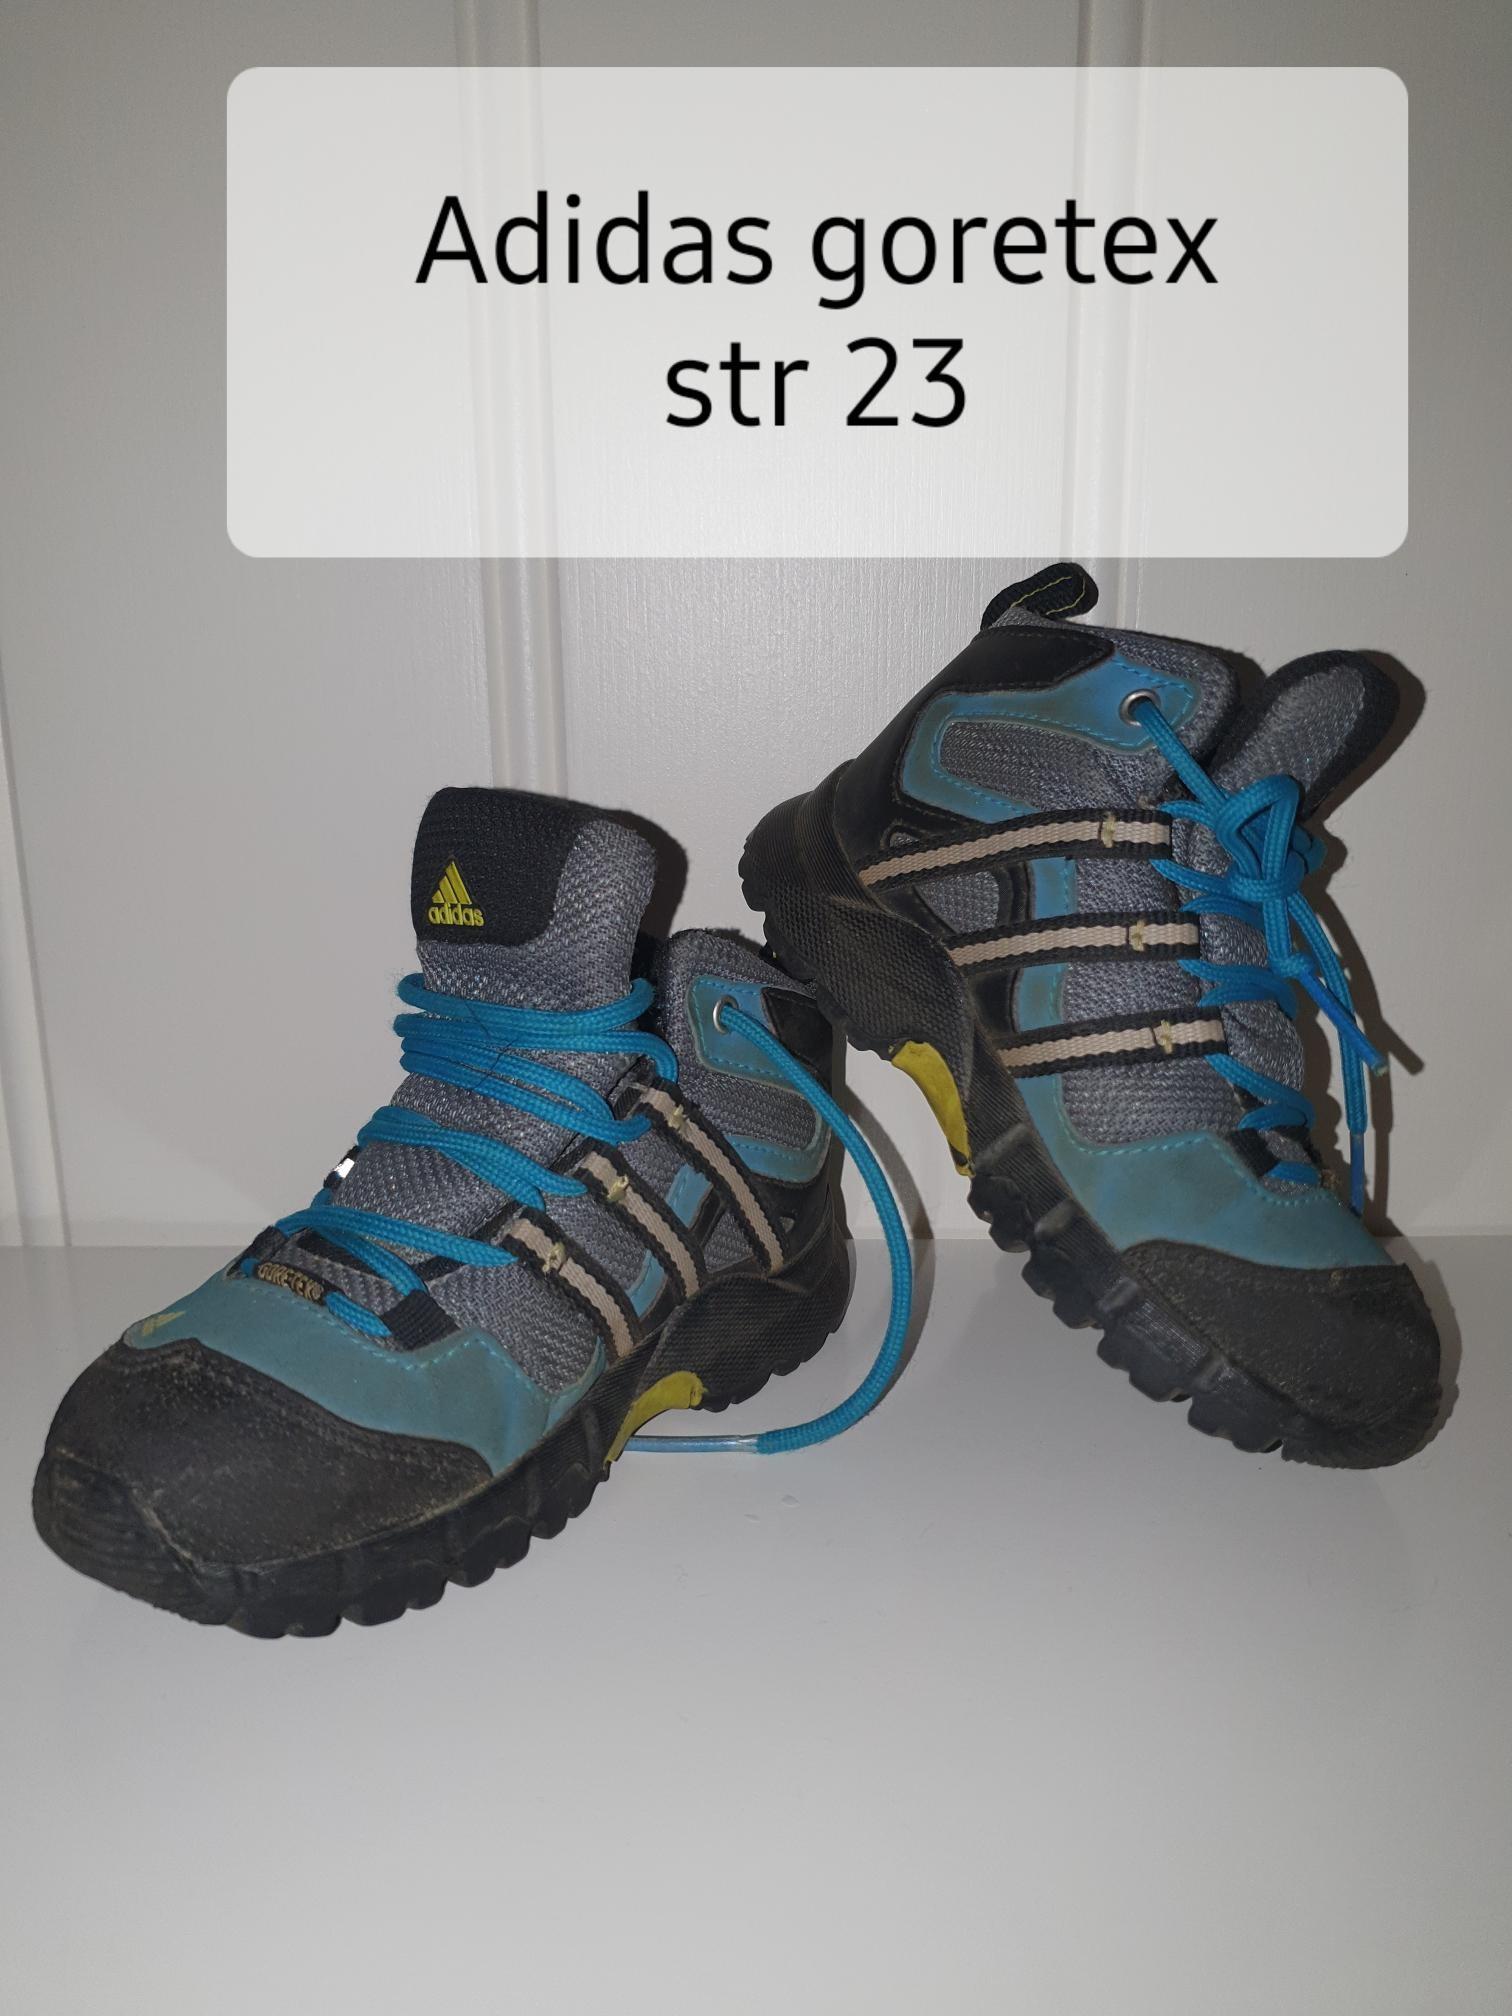 Adidas goretex str 23 | FINN.no